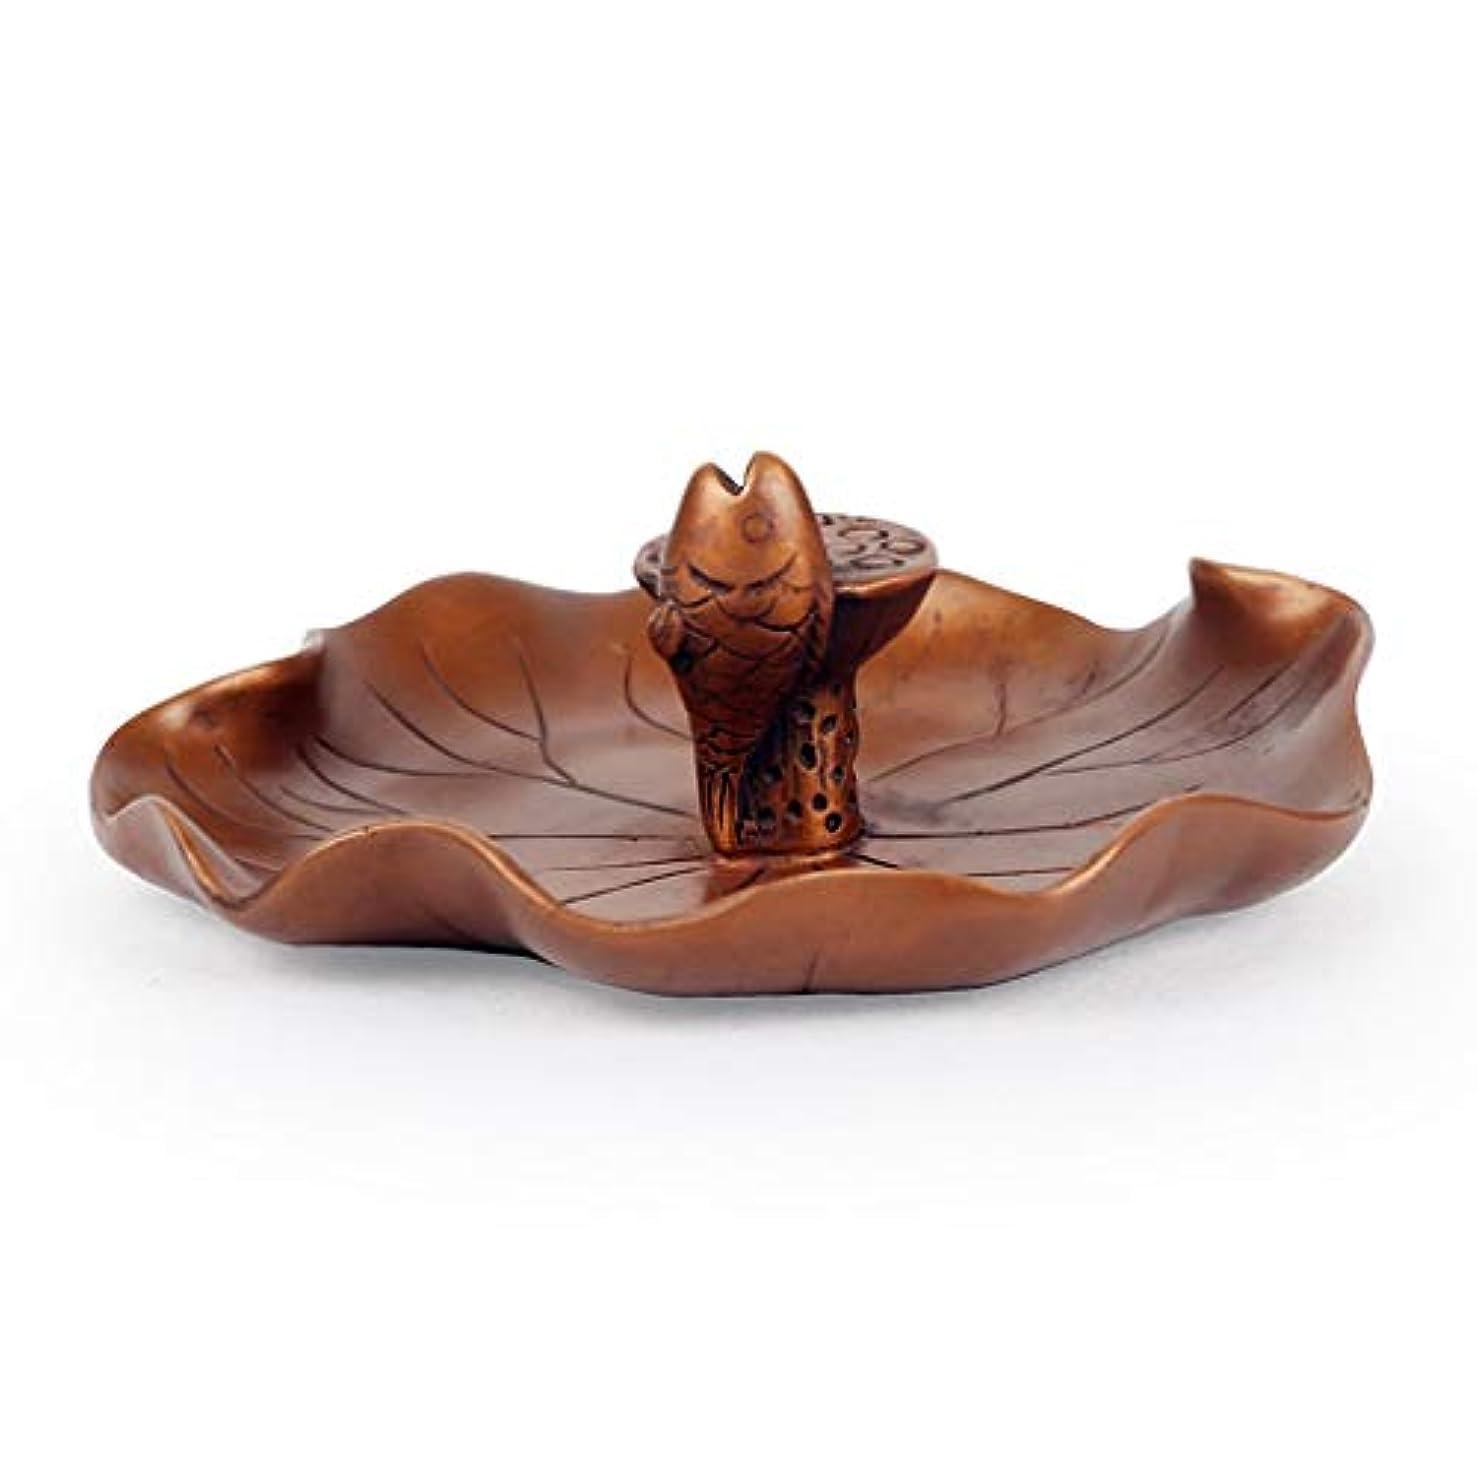 起こる瞑想的ピッチャー芳香器?アロマバーナー 還流香炉ホーム香りの良い禅禅ラッキー鑑賞新しいクリエイティブアガーウッド香バーナー装飾 アロマバーナー (Color : Brass)